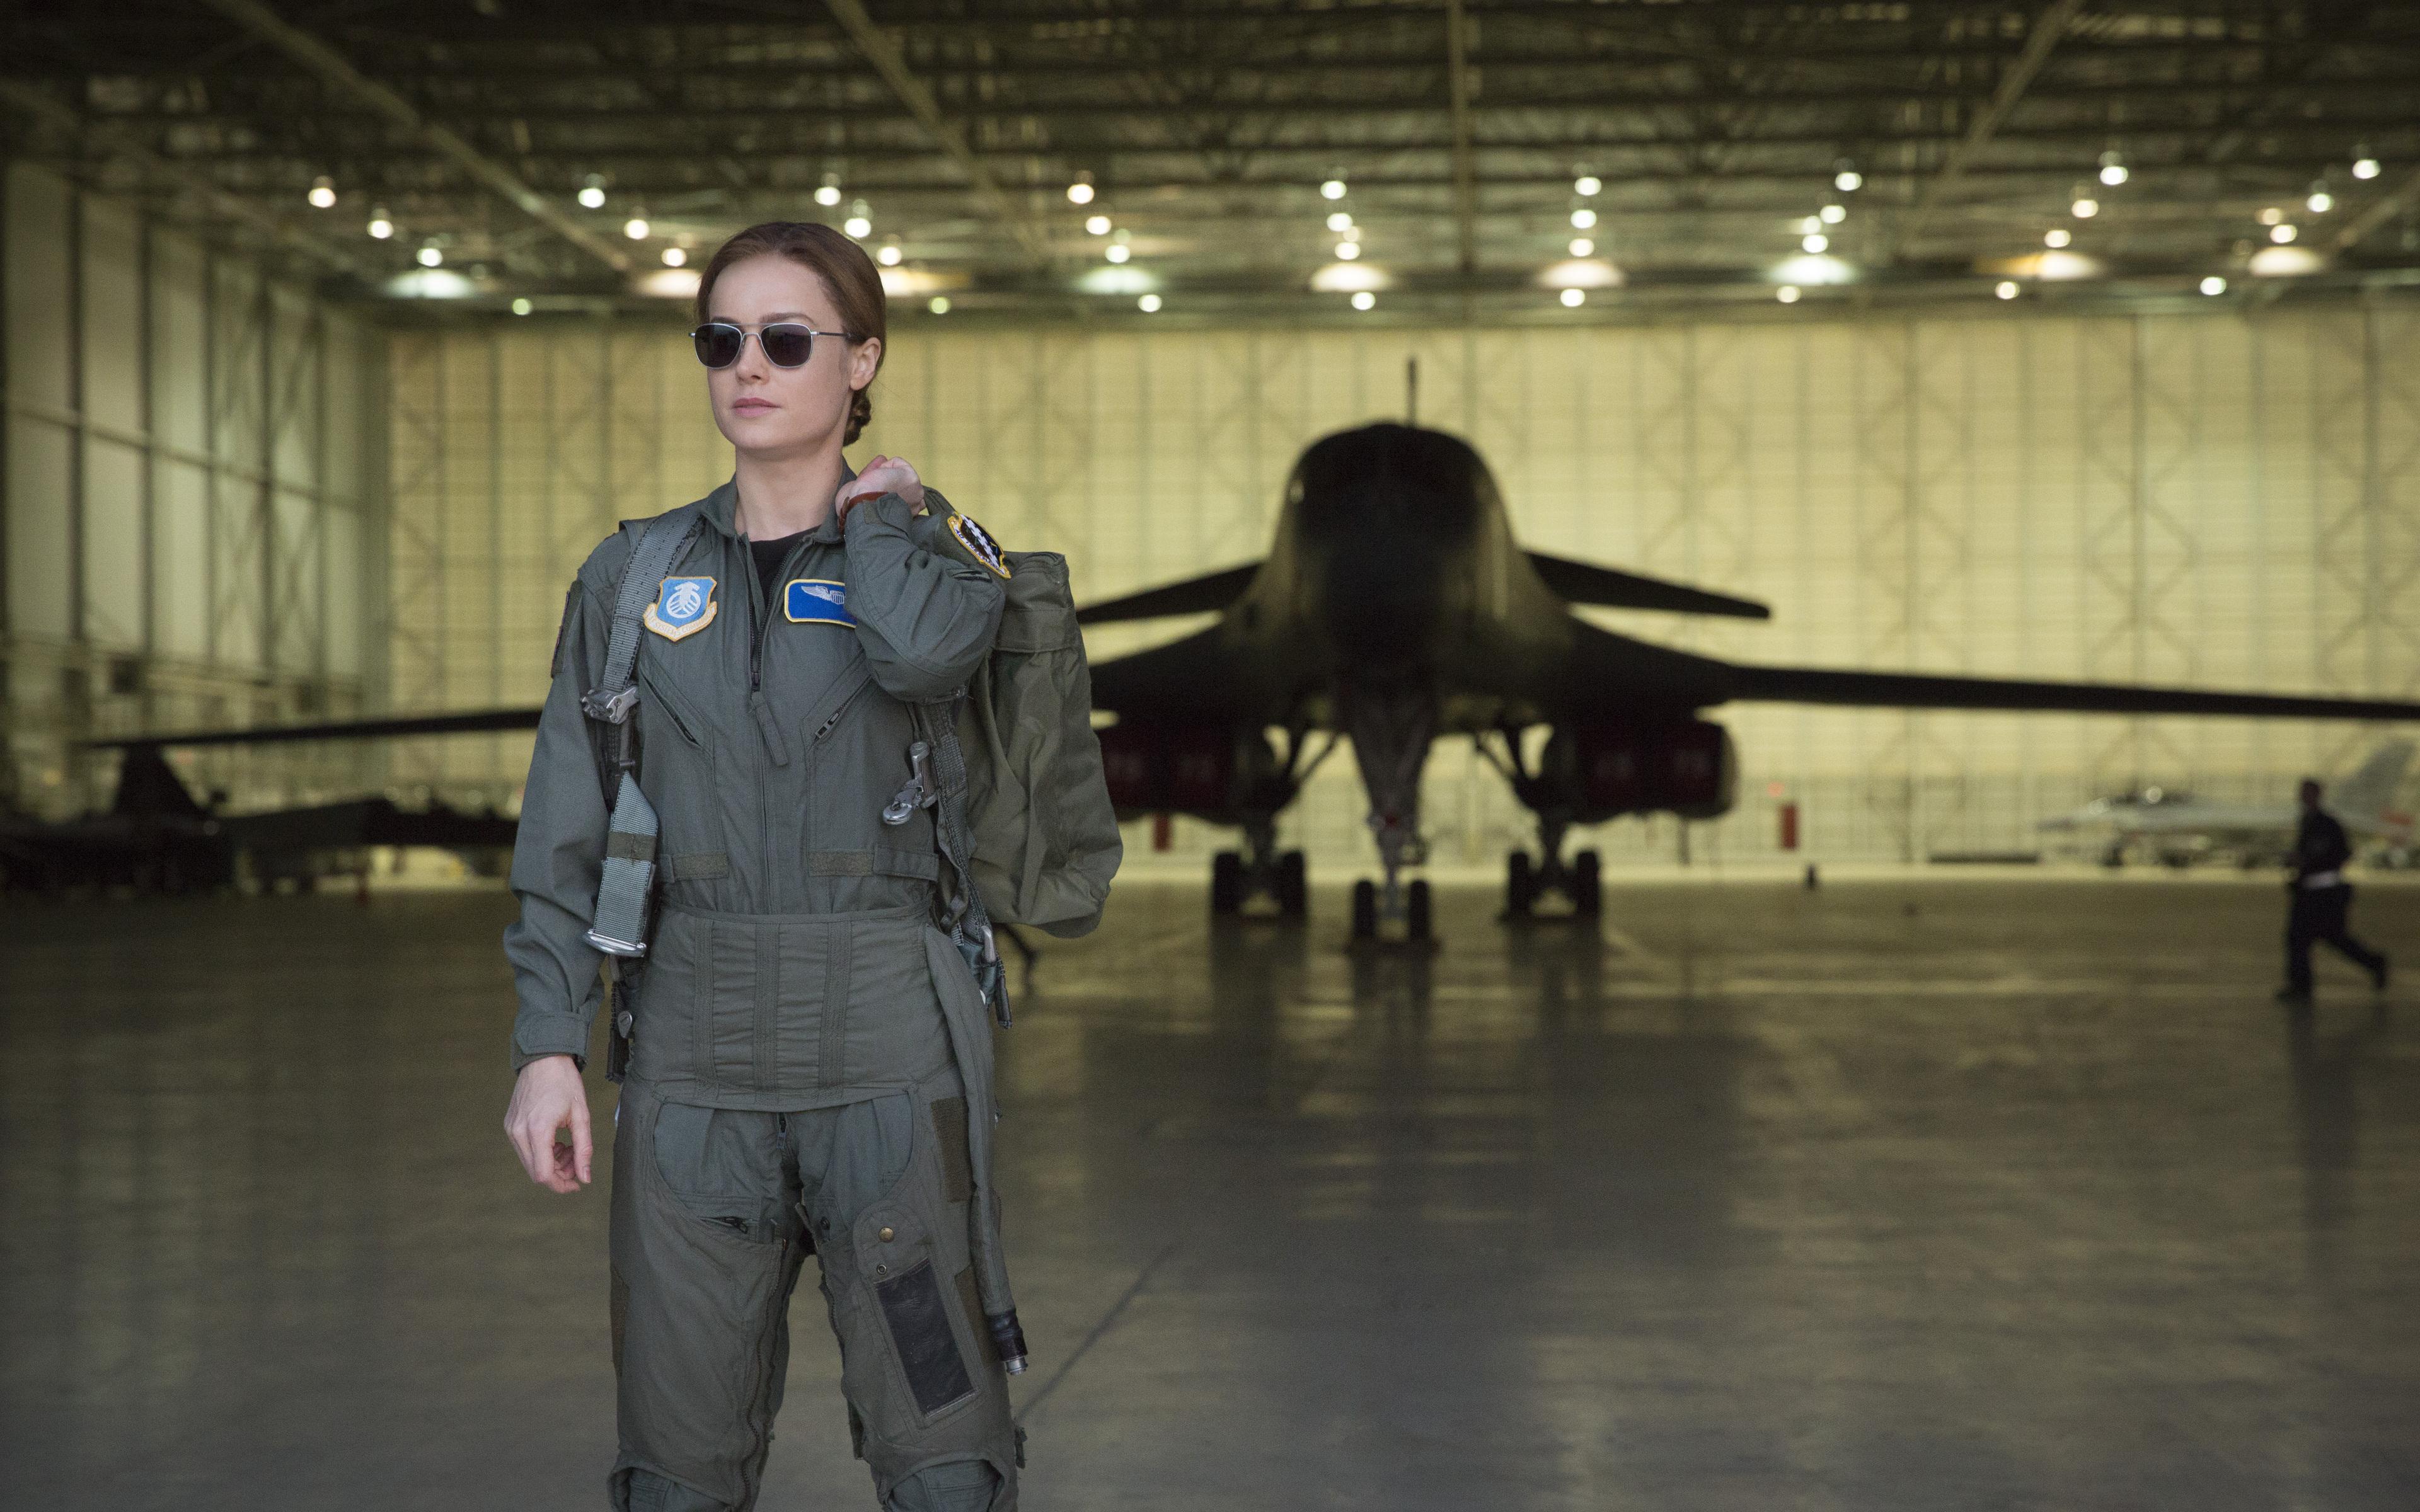 carol-danvers-in-captain-marvel-movie-2019-5k-8z.jpg